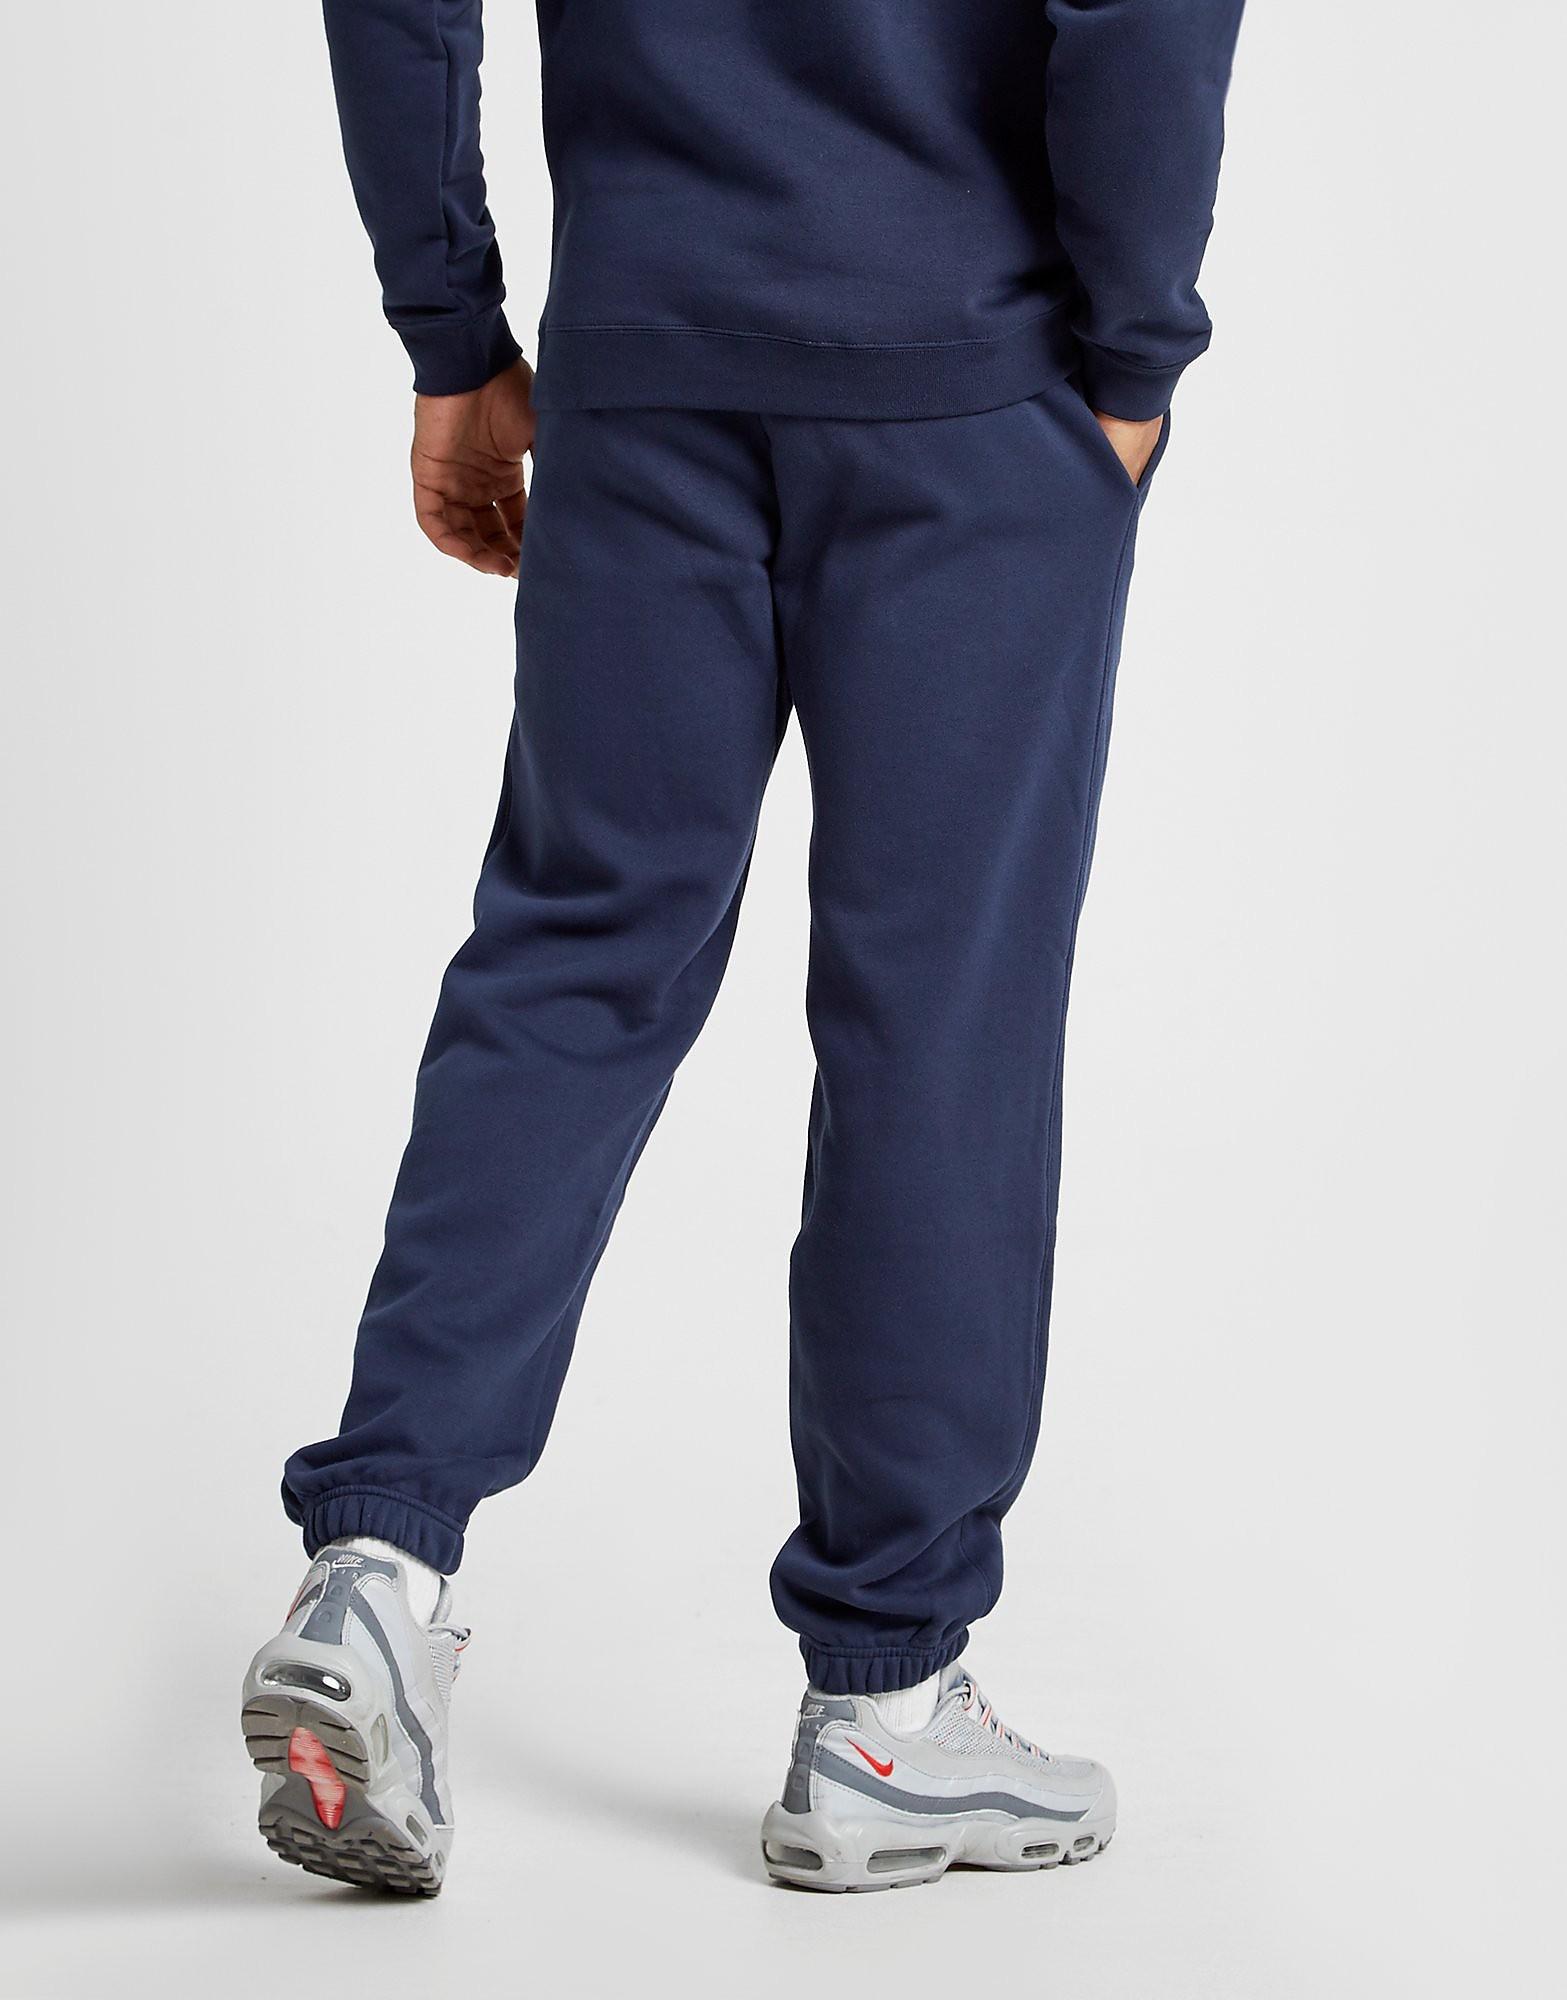 76b3f70595add Nike Club Joggers - Blau - Mens, Blau | Kleidung günstig kaufen ...